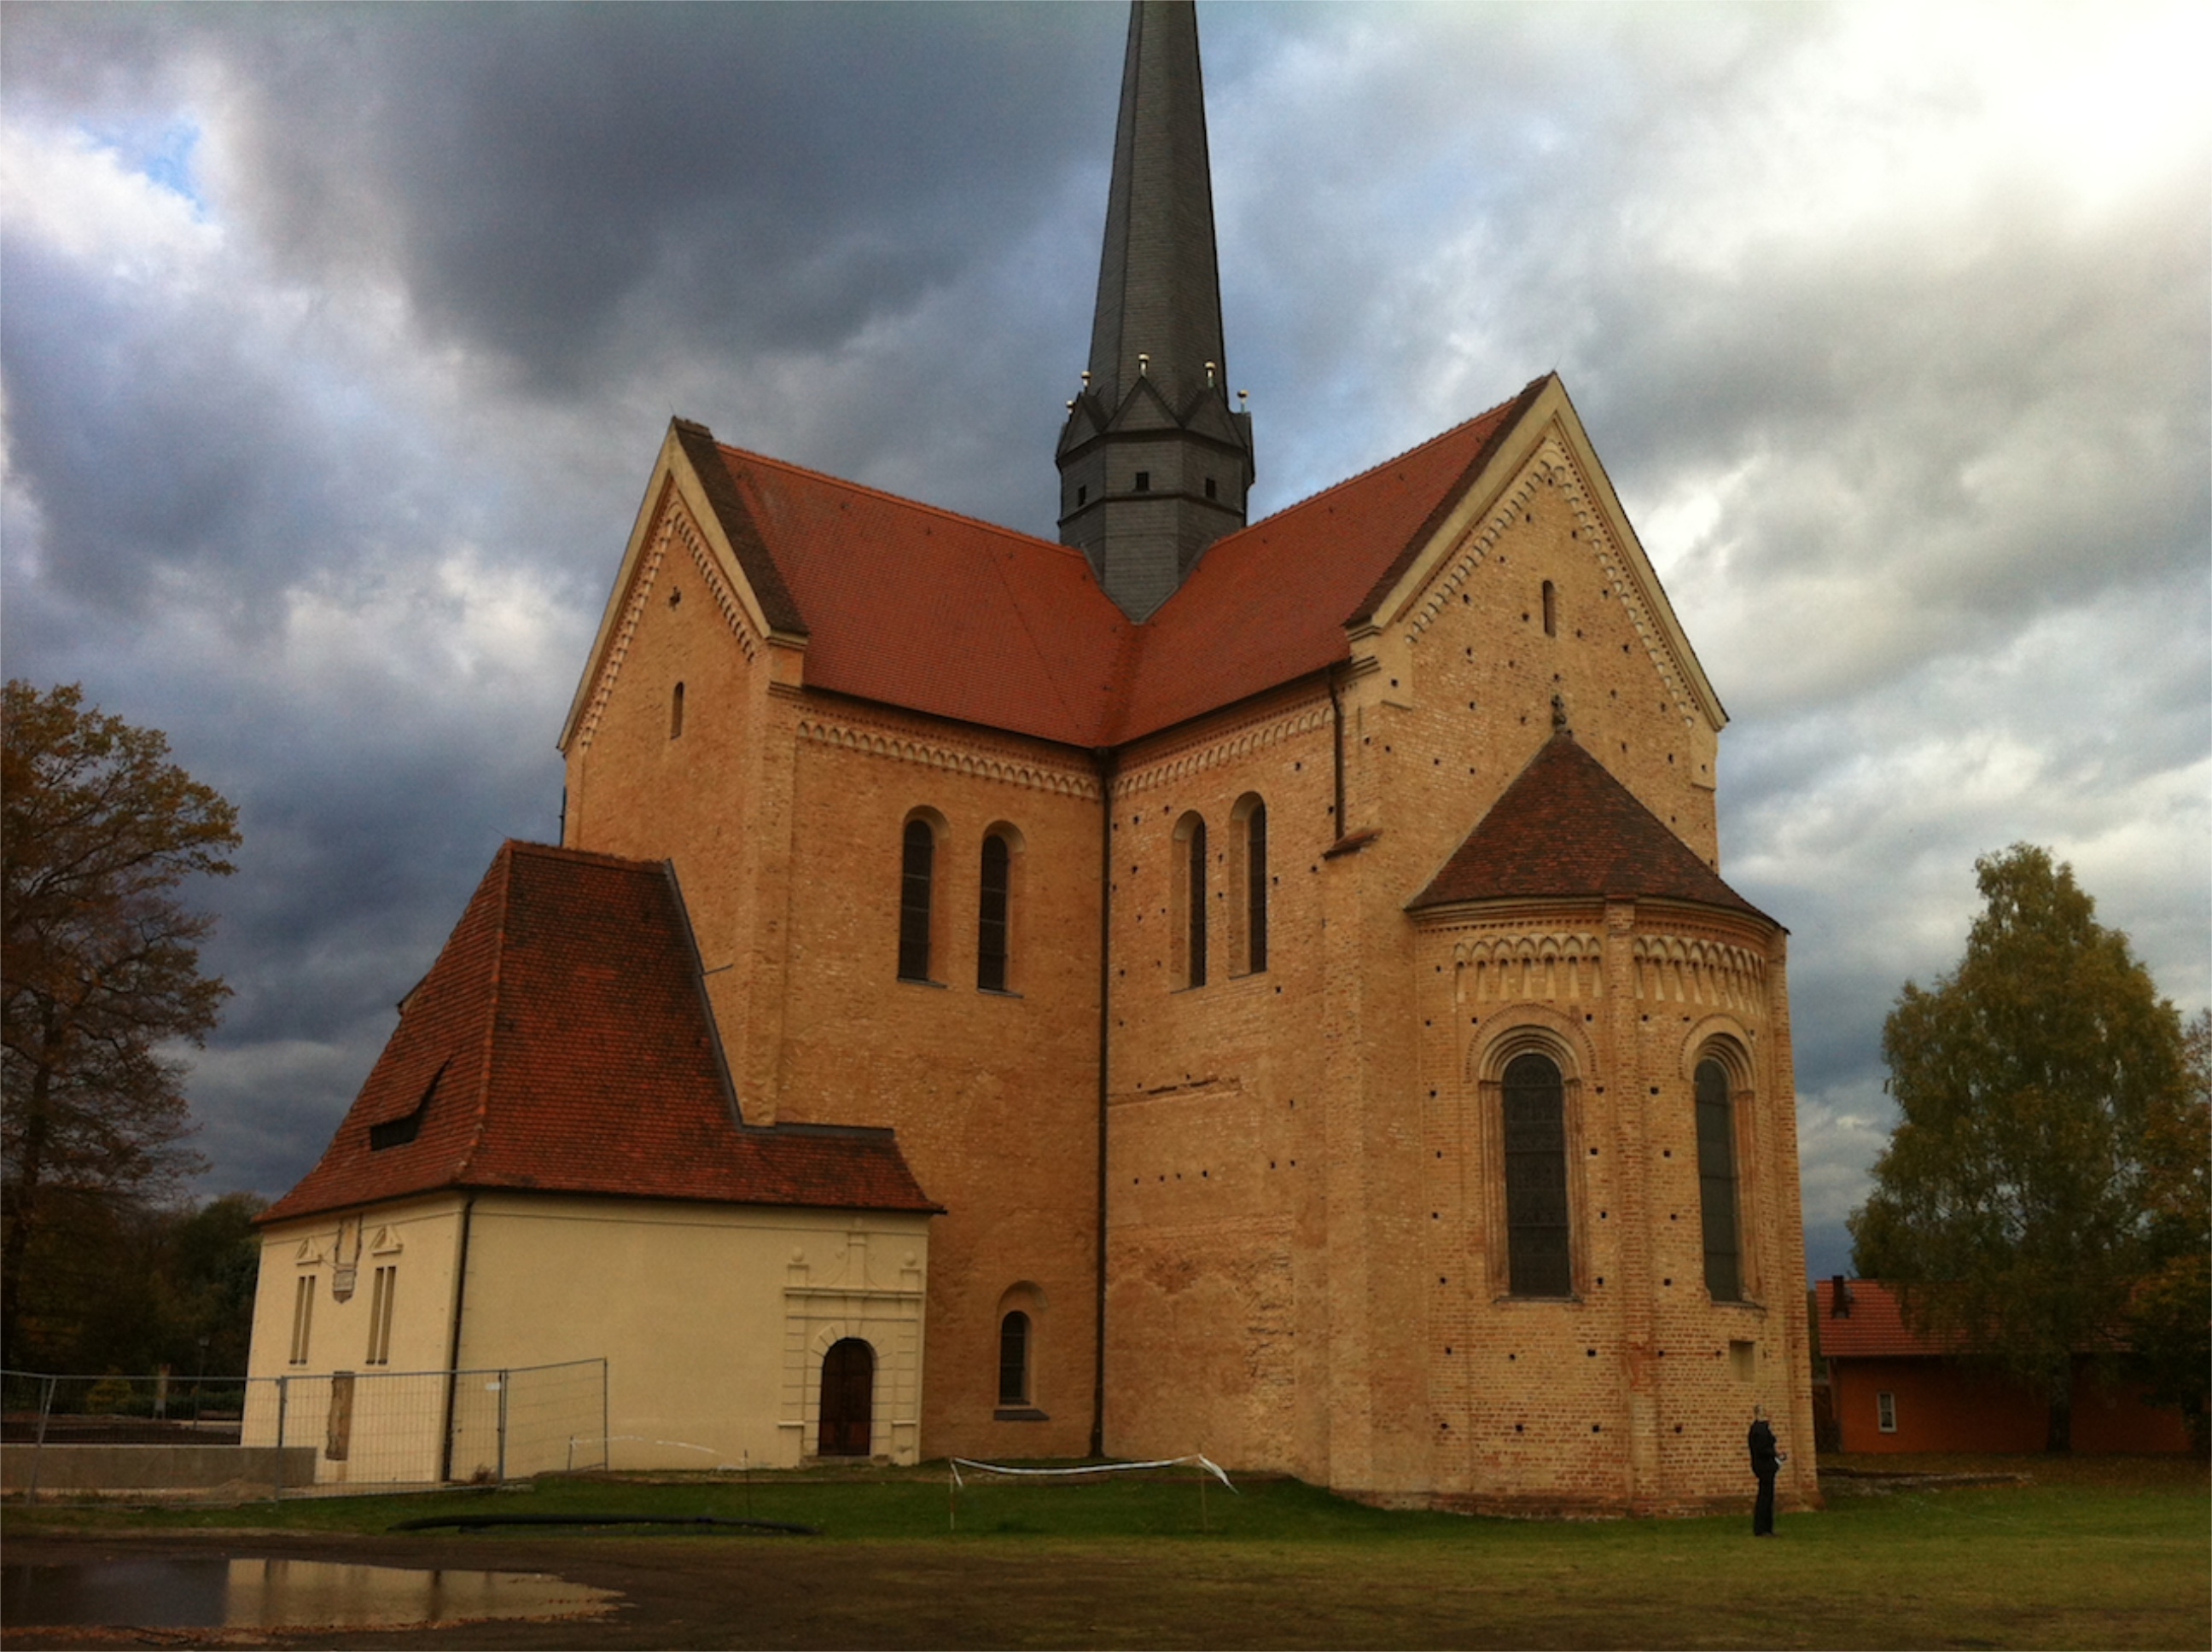 Bild eines Klosters - Dobrilugk Cistercian Abbey